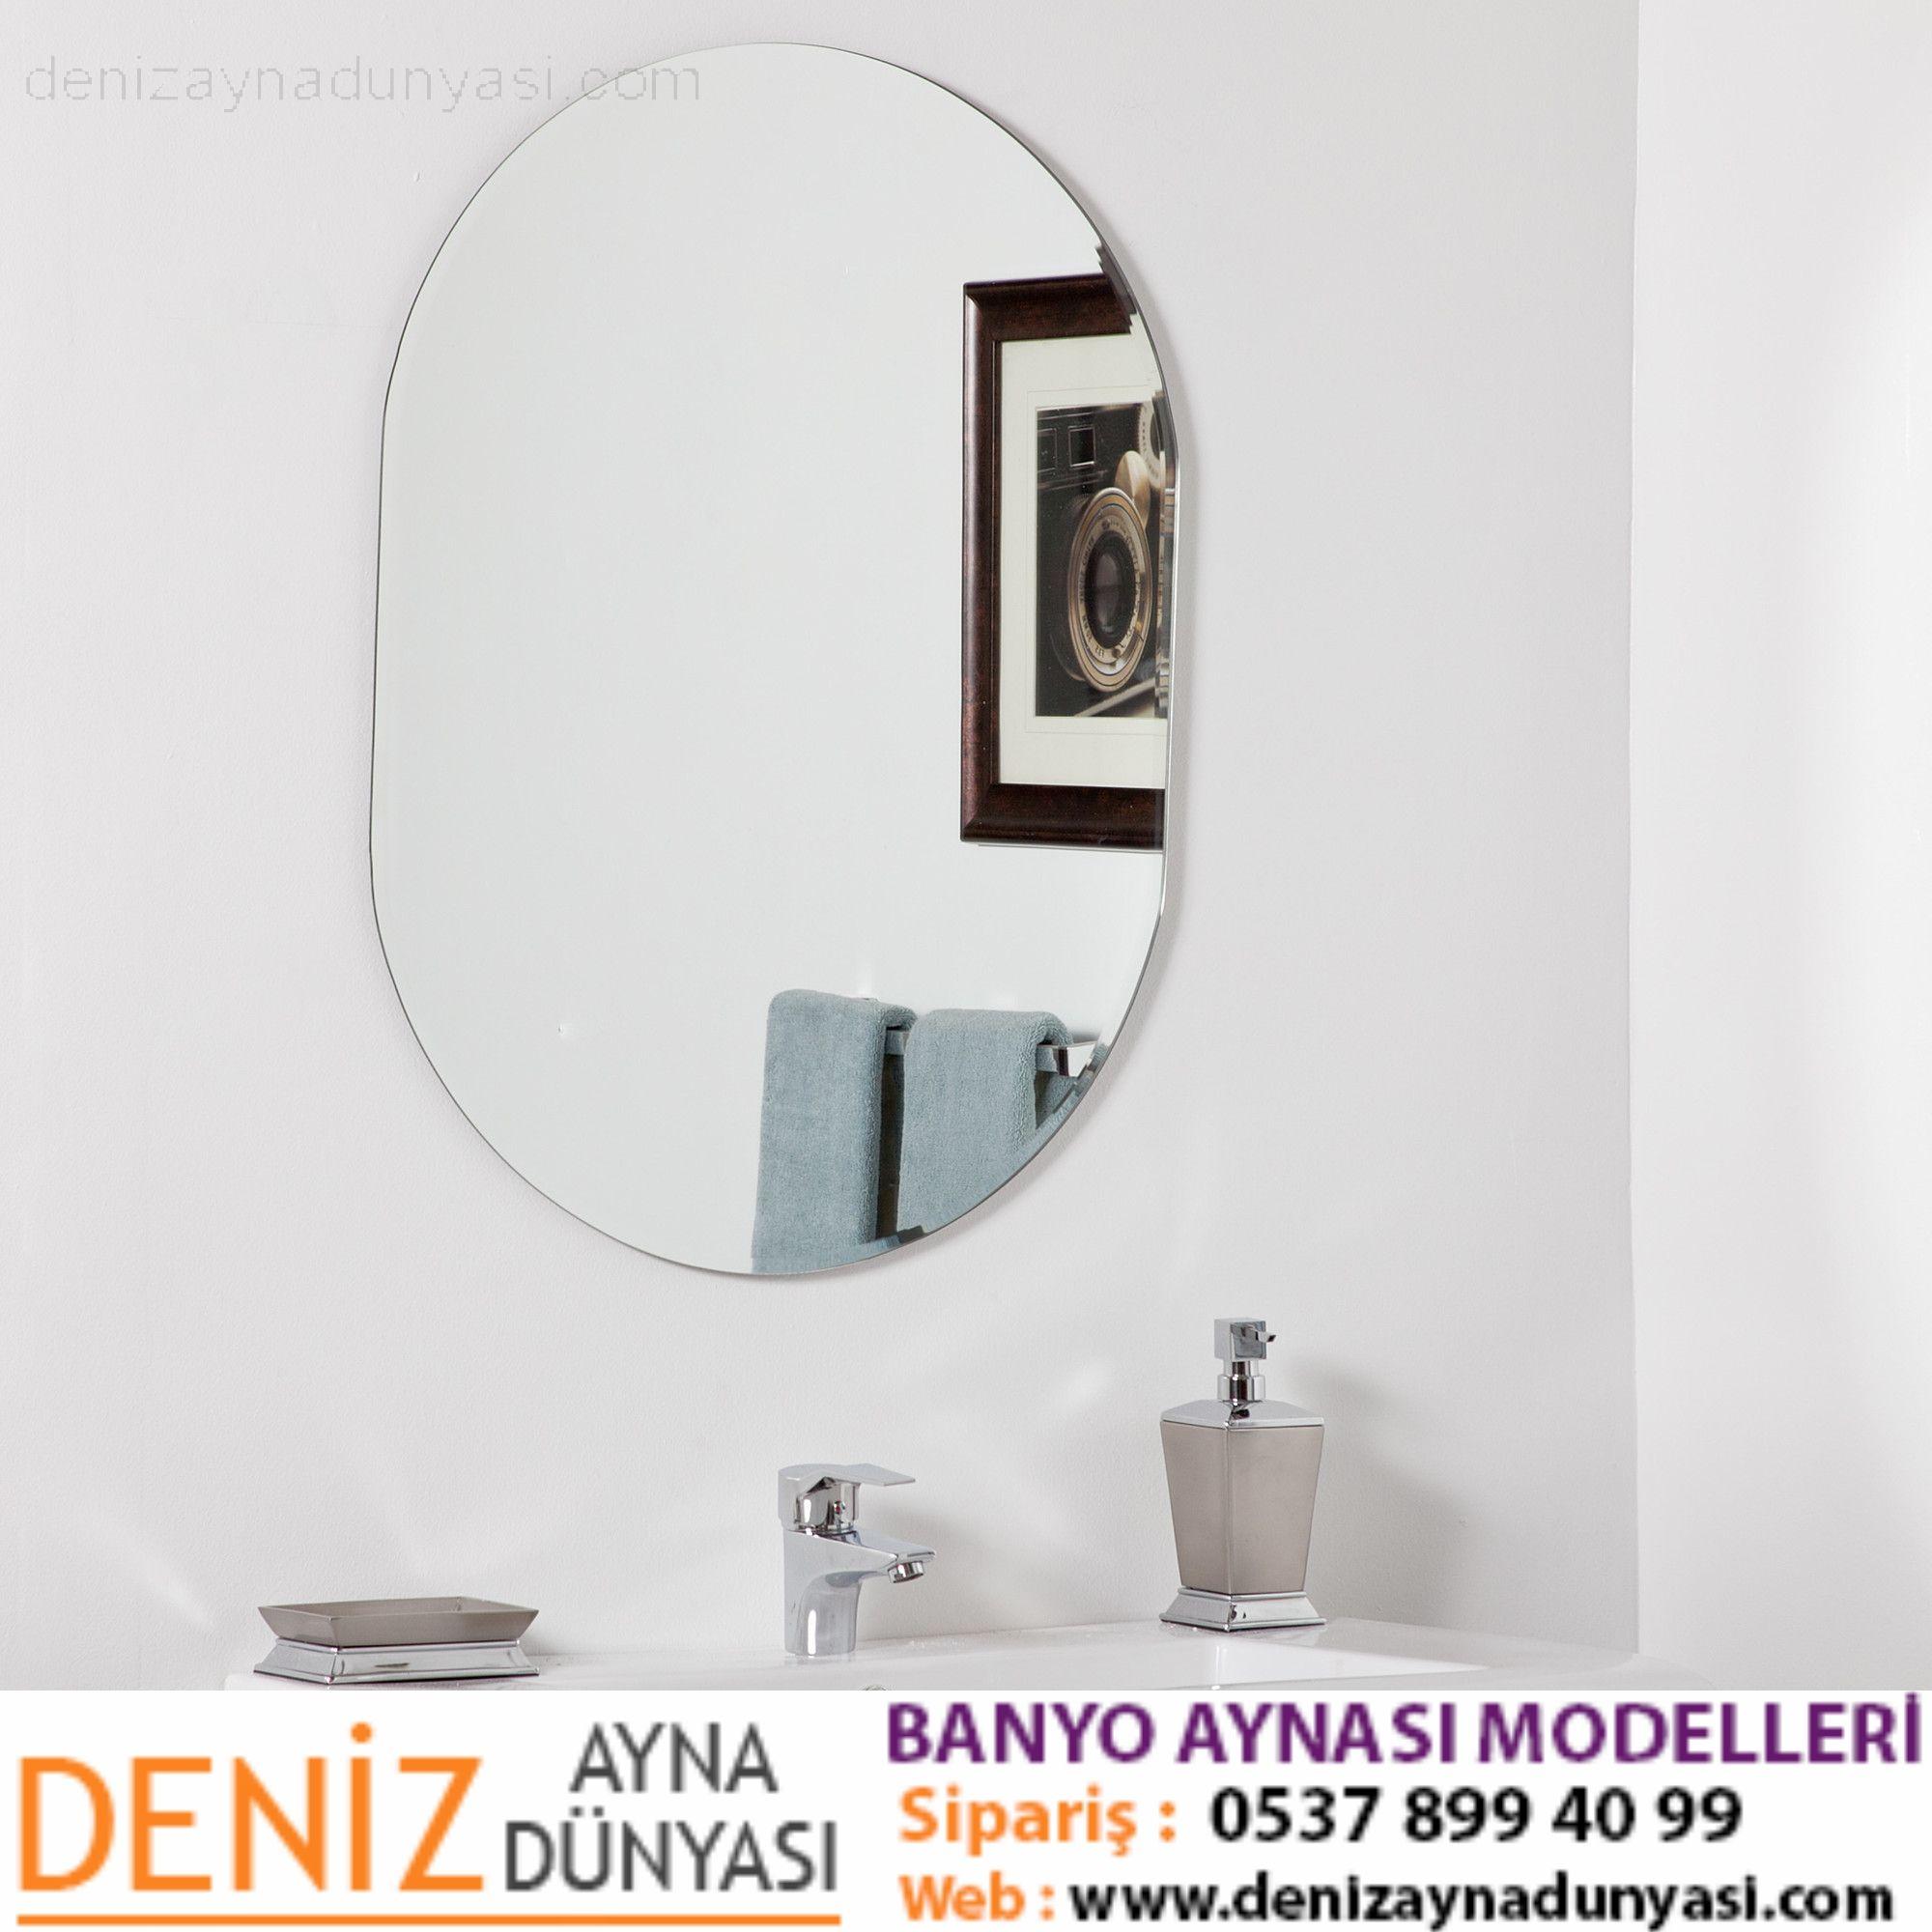 Pin by Deniz Ayna Dünyası on Banyo ayna modelleri çeşitleri ...